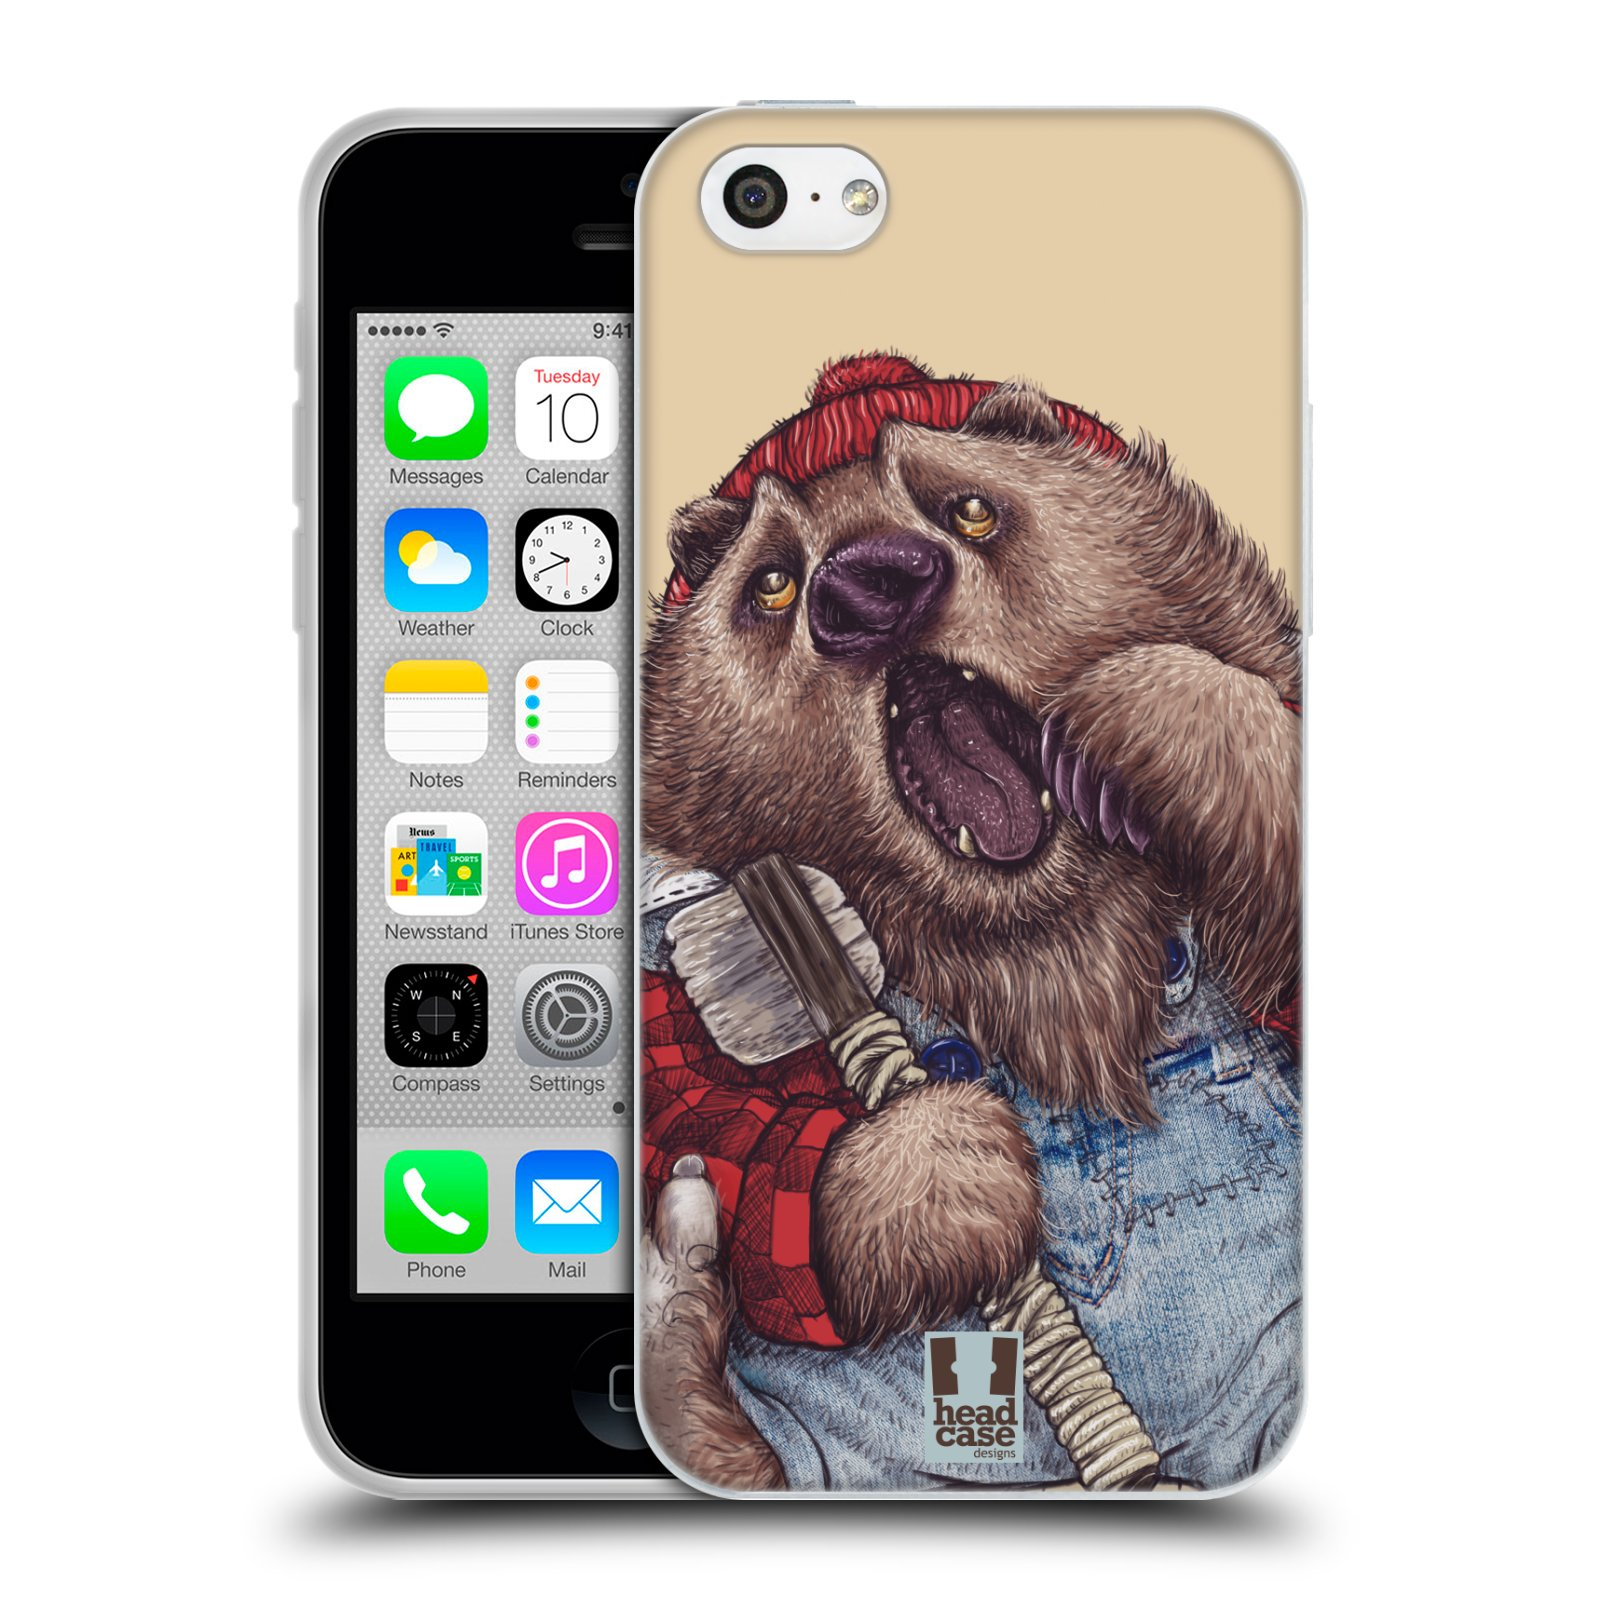 HEAD CASE silikonový obal na mobil Apple Iphone 5C vzor Kreslená zvířátka medvěd